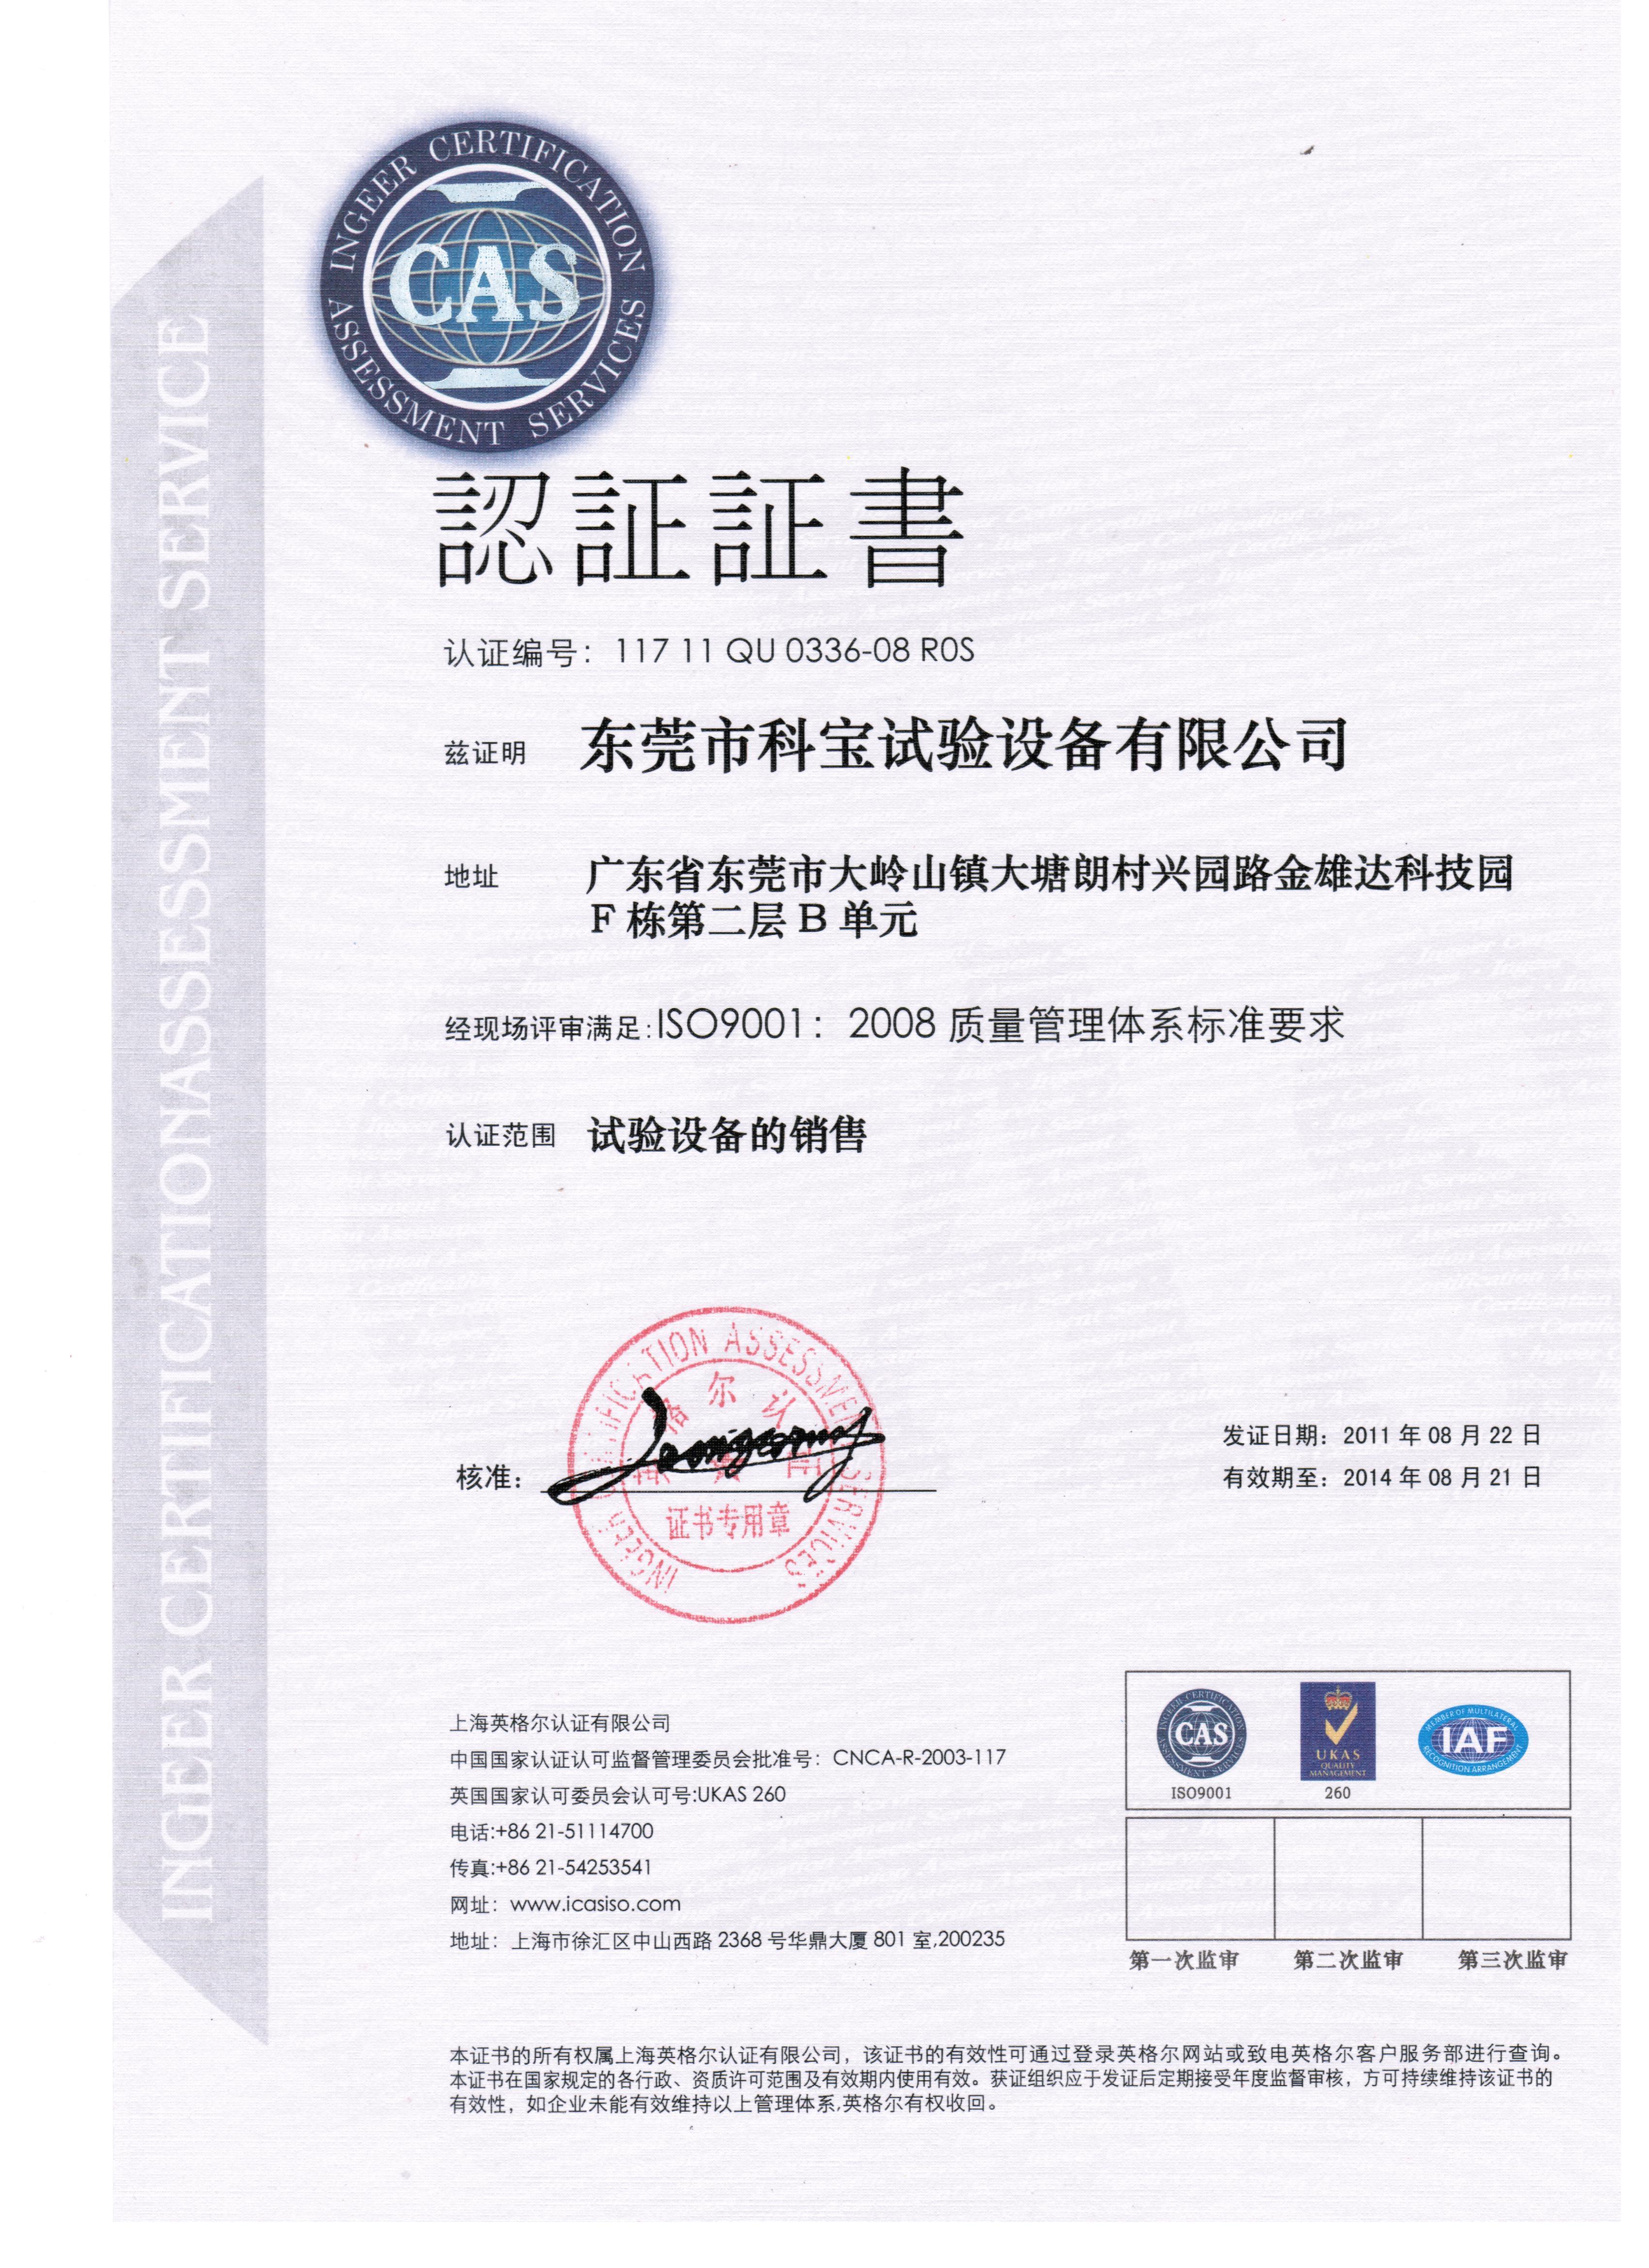 工厂通过ISO认证